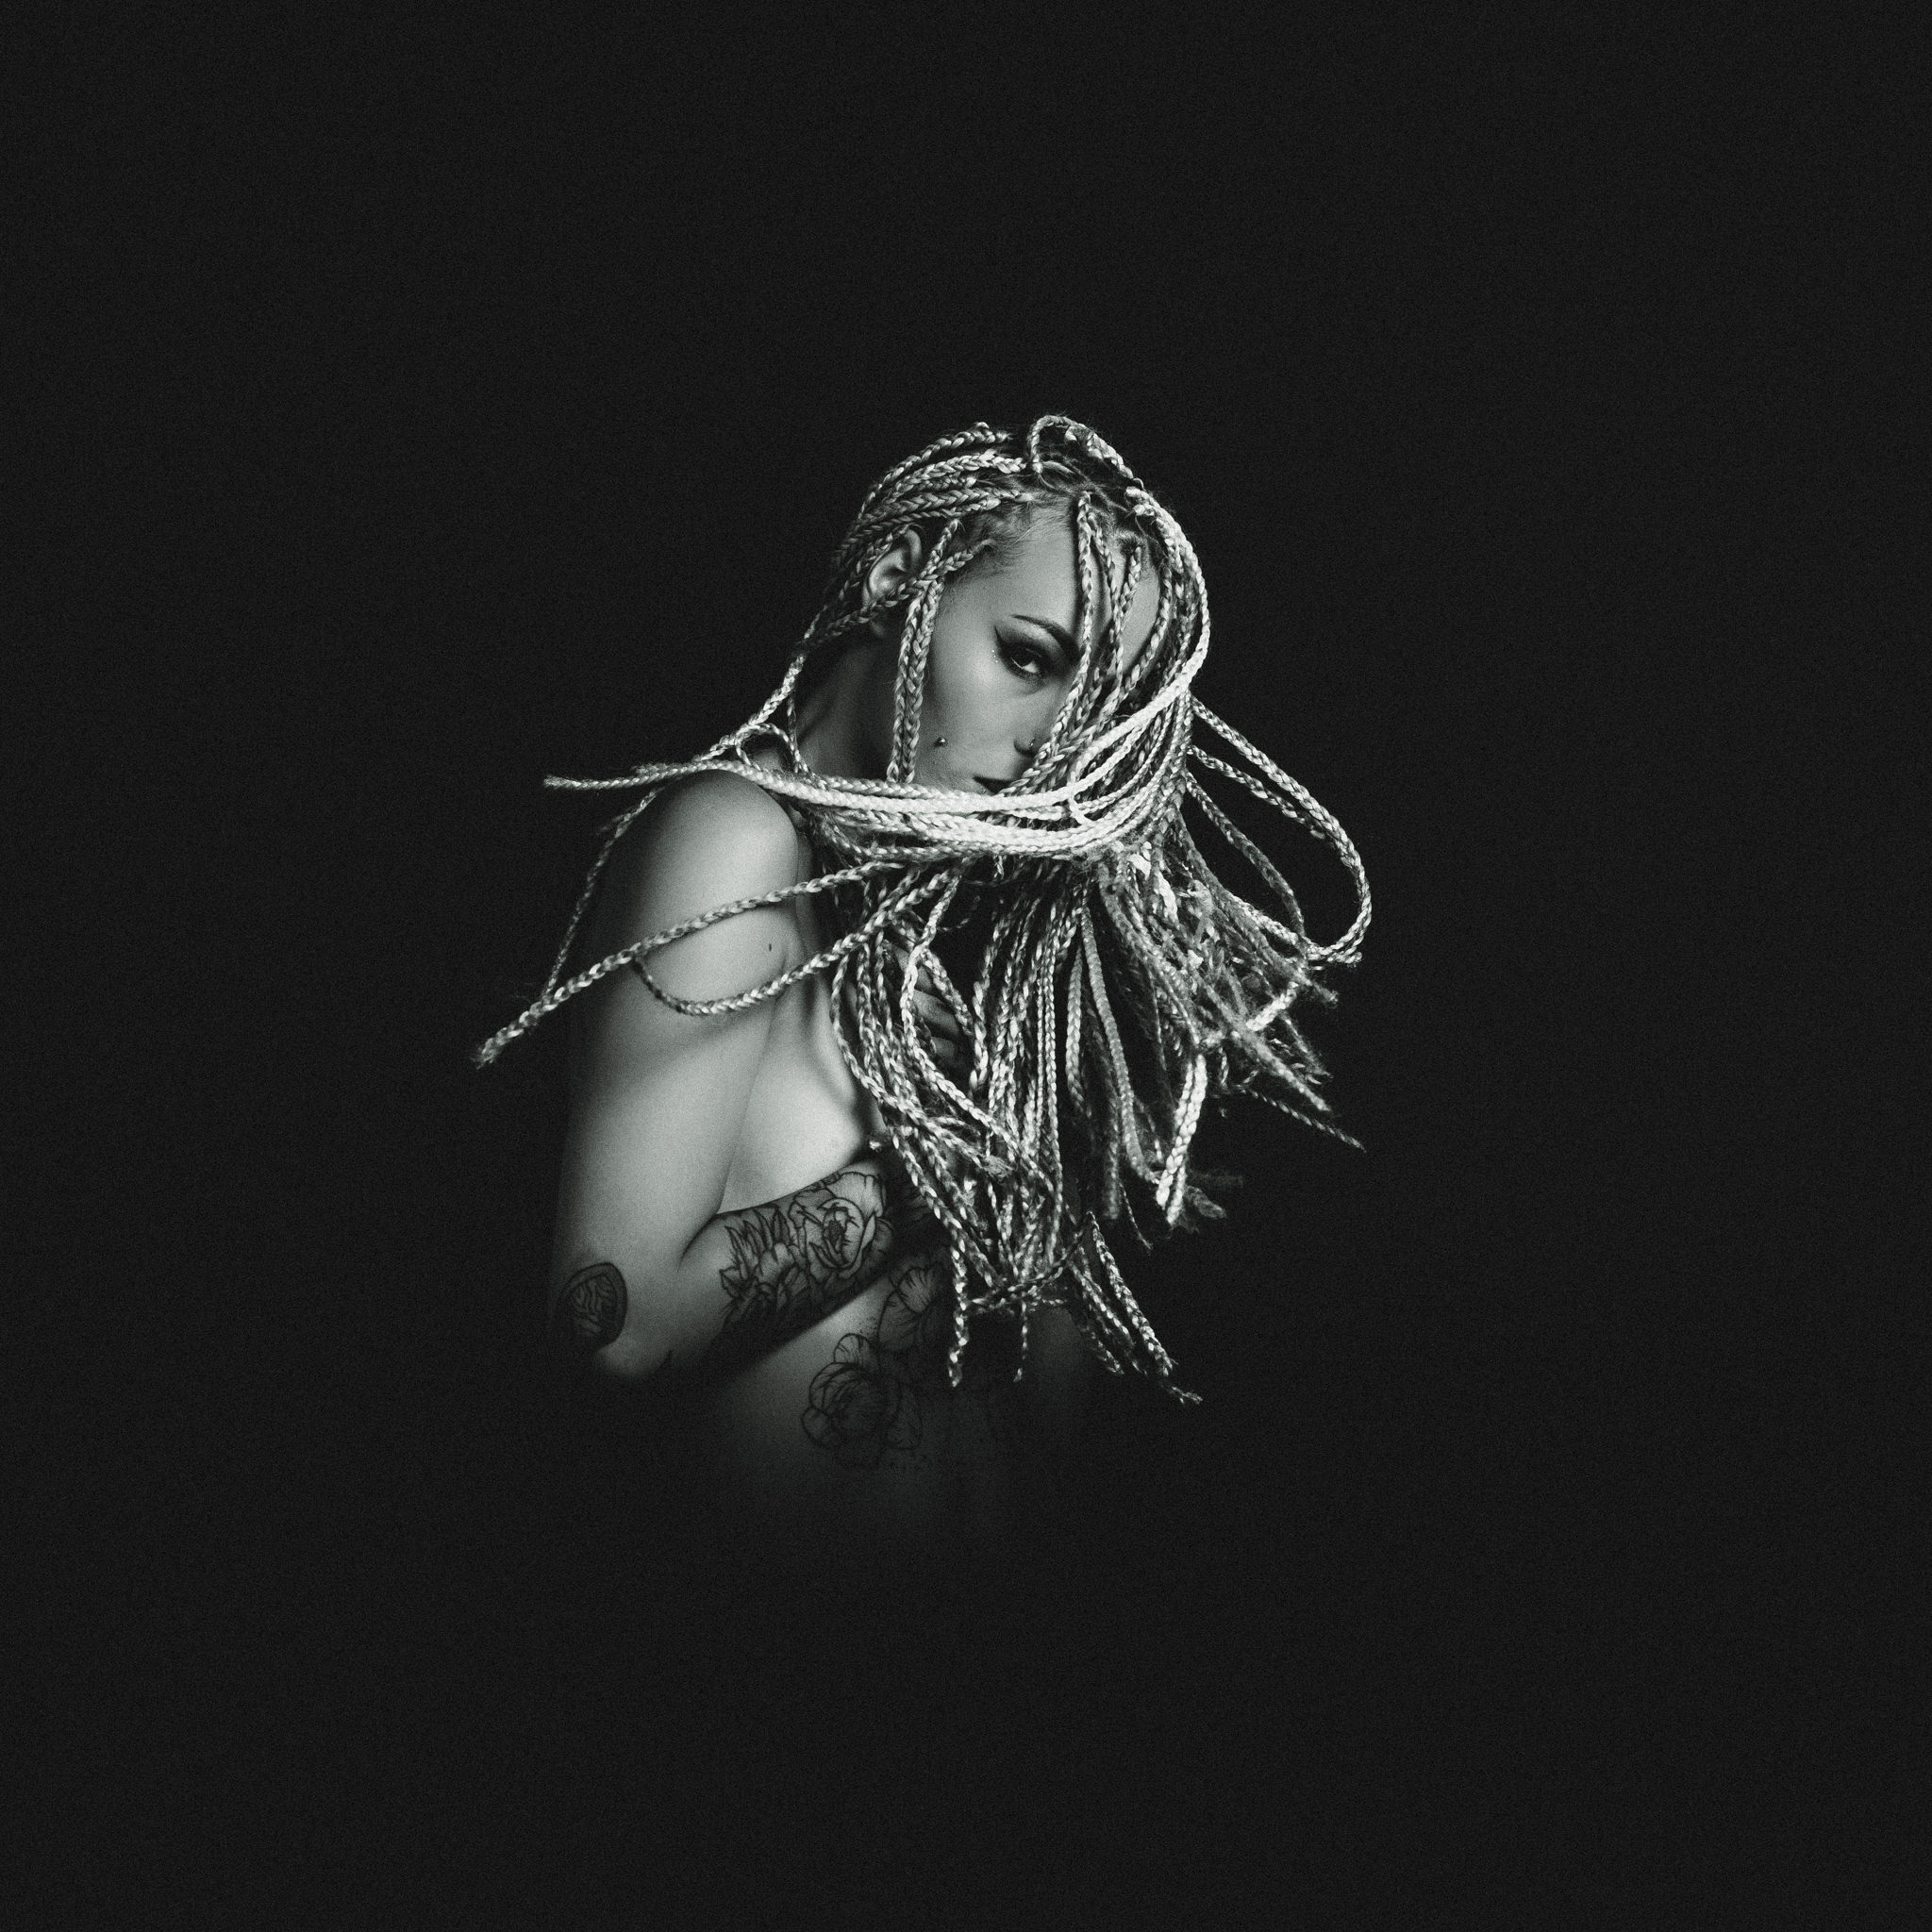 ShawnaLeigh-Studio-20170527-0311-Kris-Askey.jpg